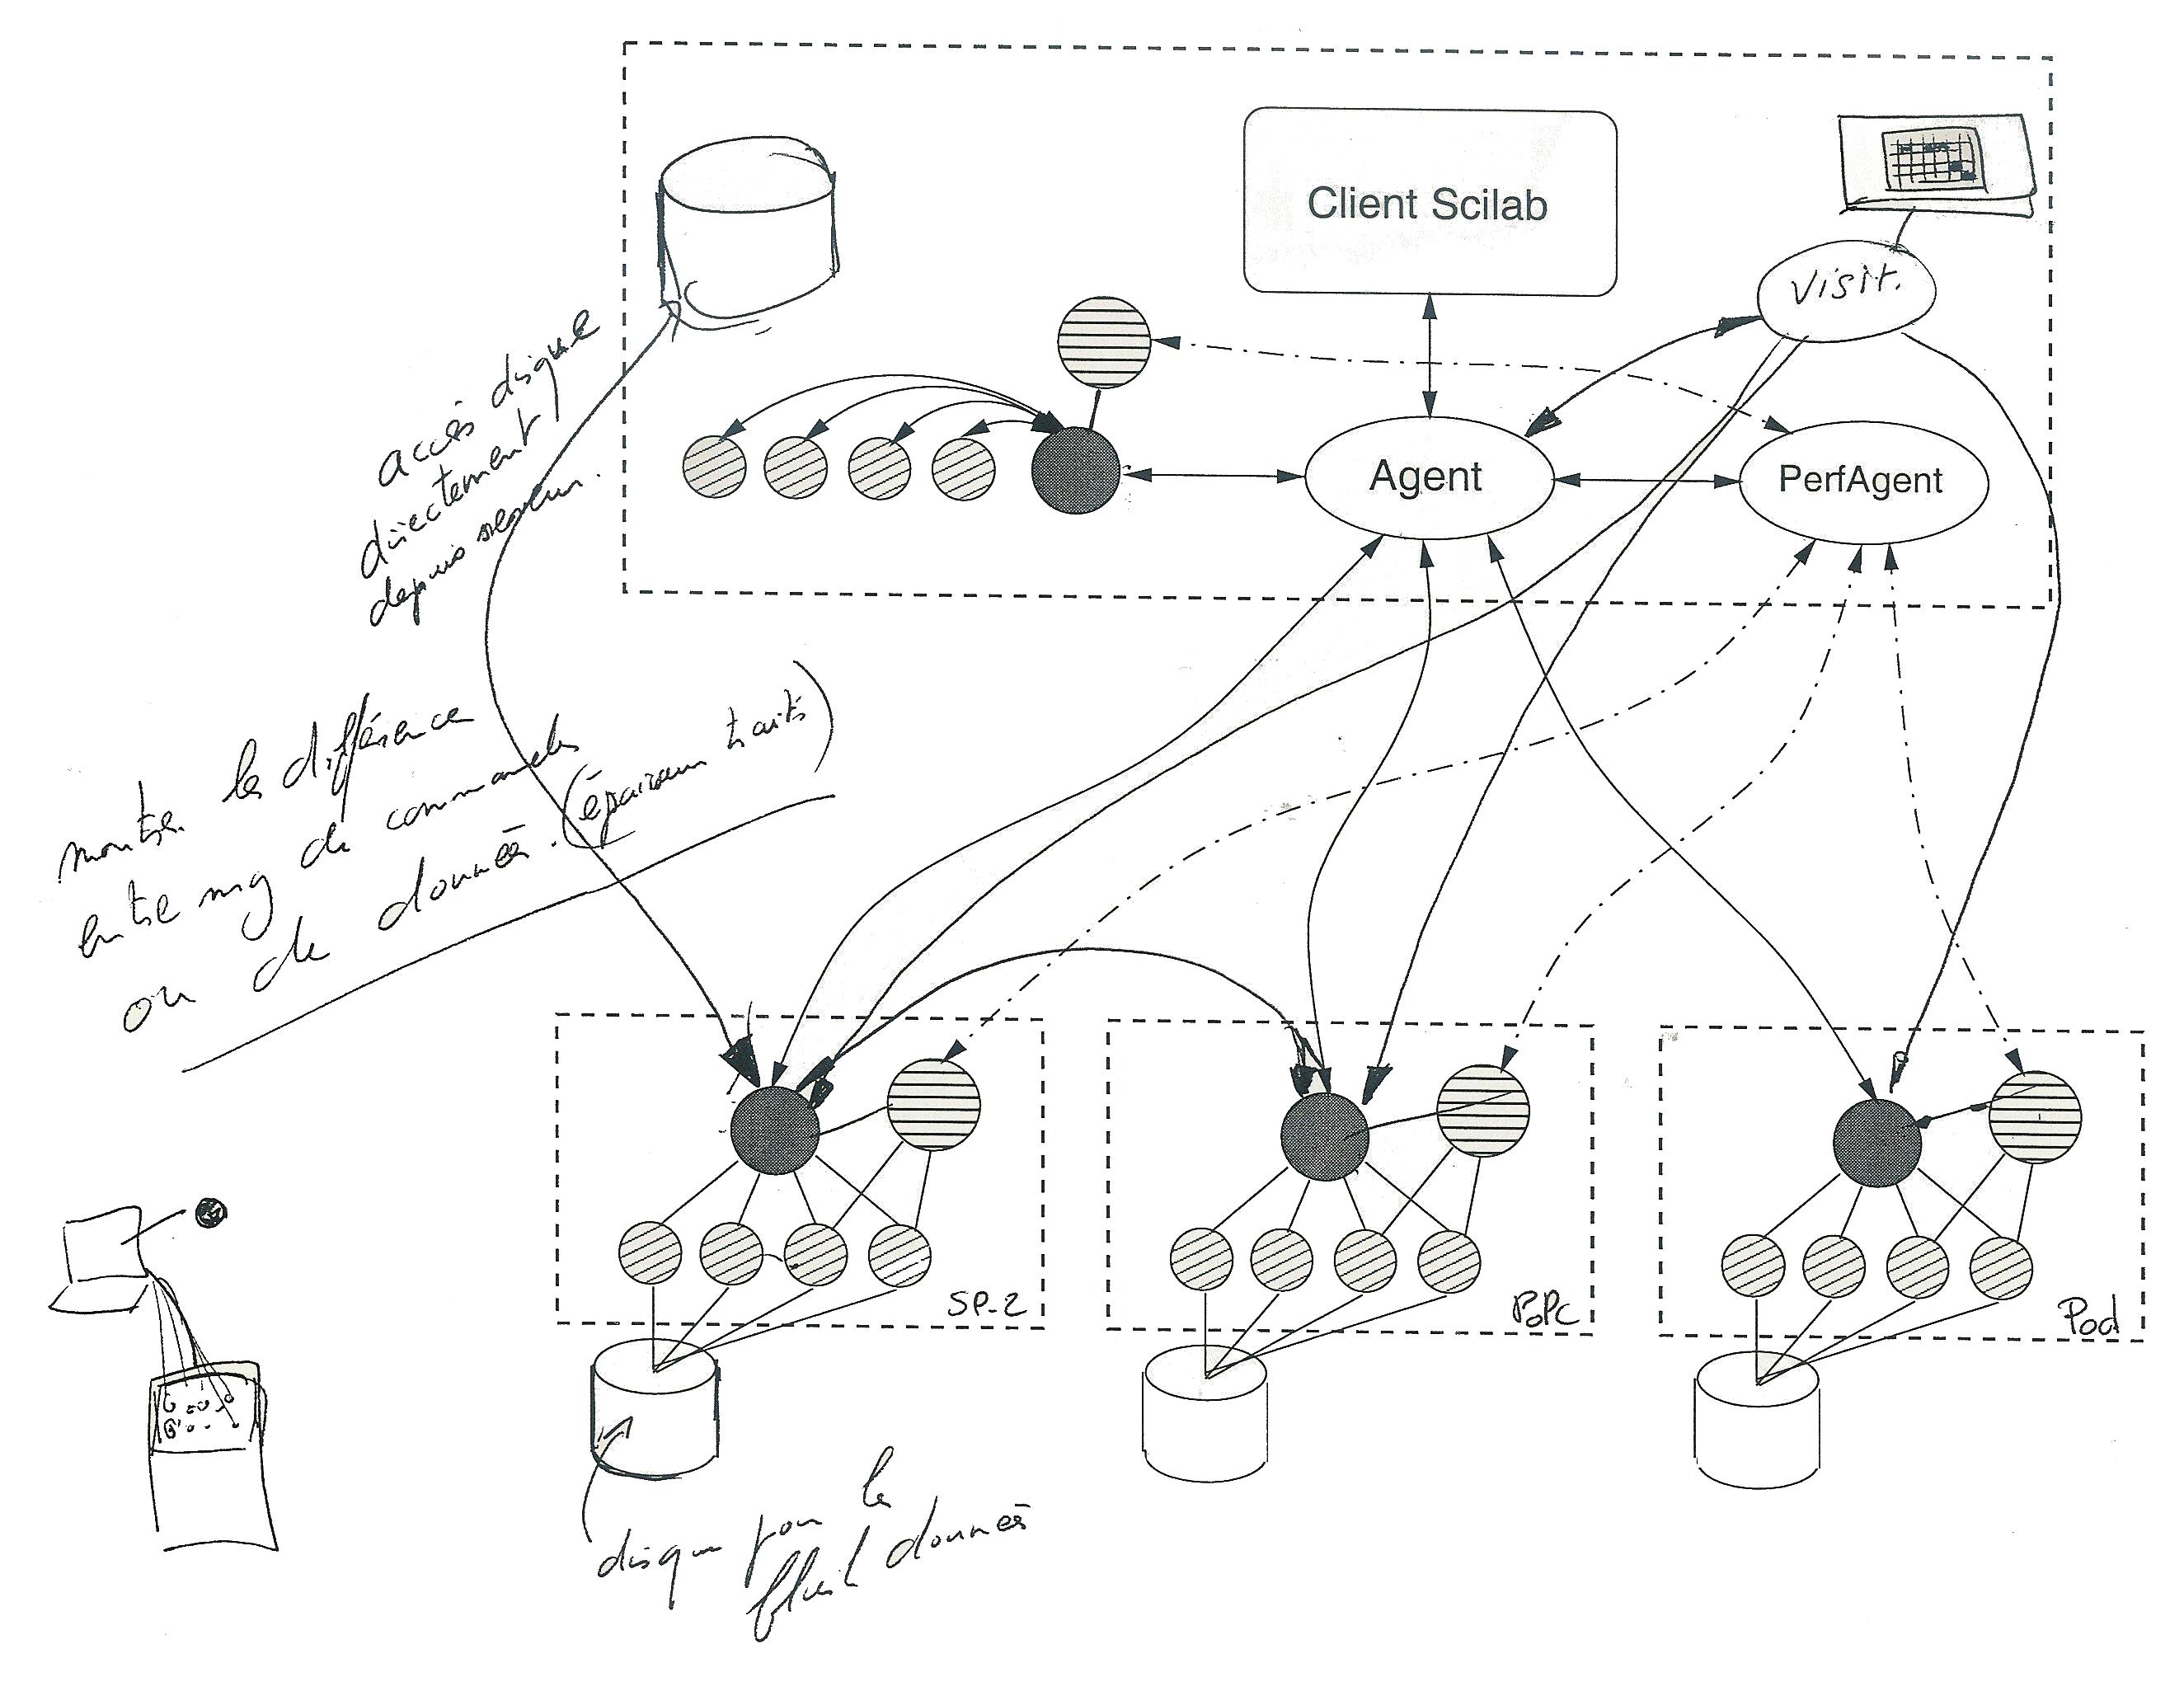 DIET Design (ReMAP/LIFC)